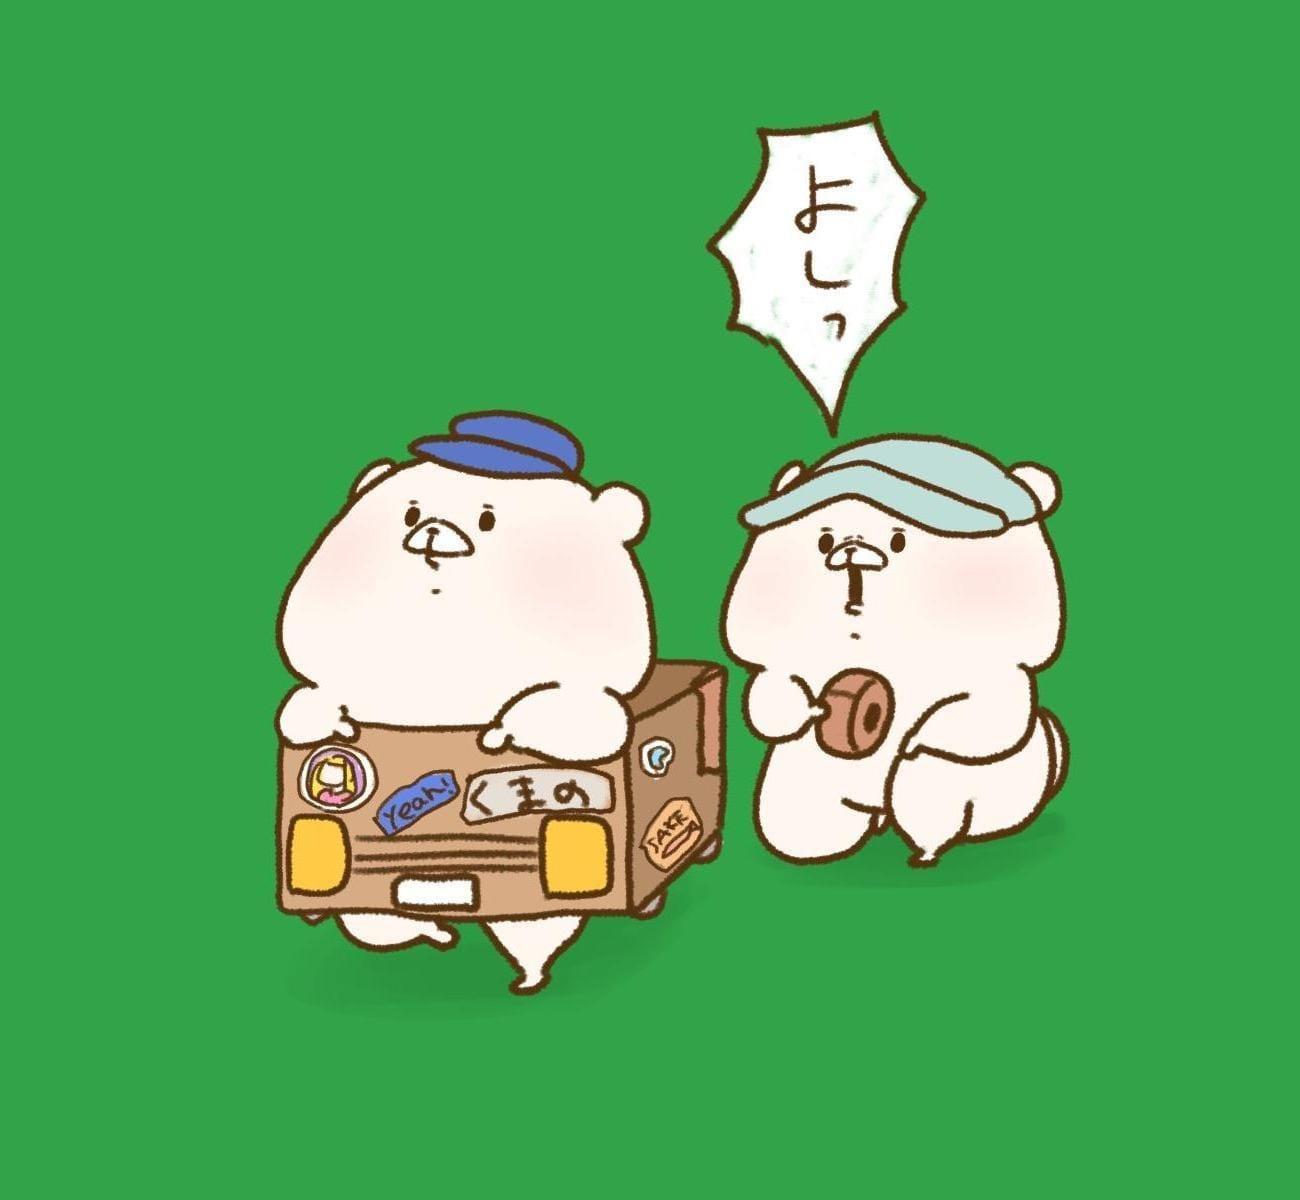 「(^o^)」09/17(月) 13:04   せいらの写メ・風俗動画